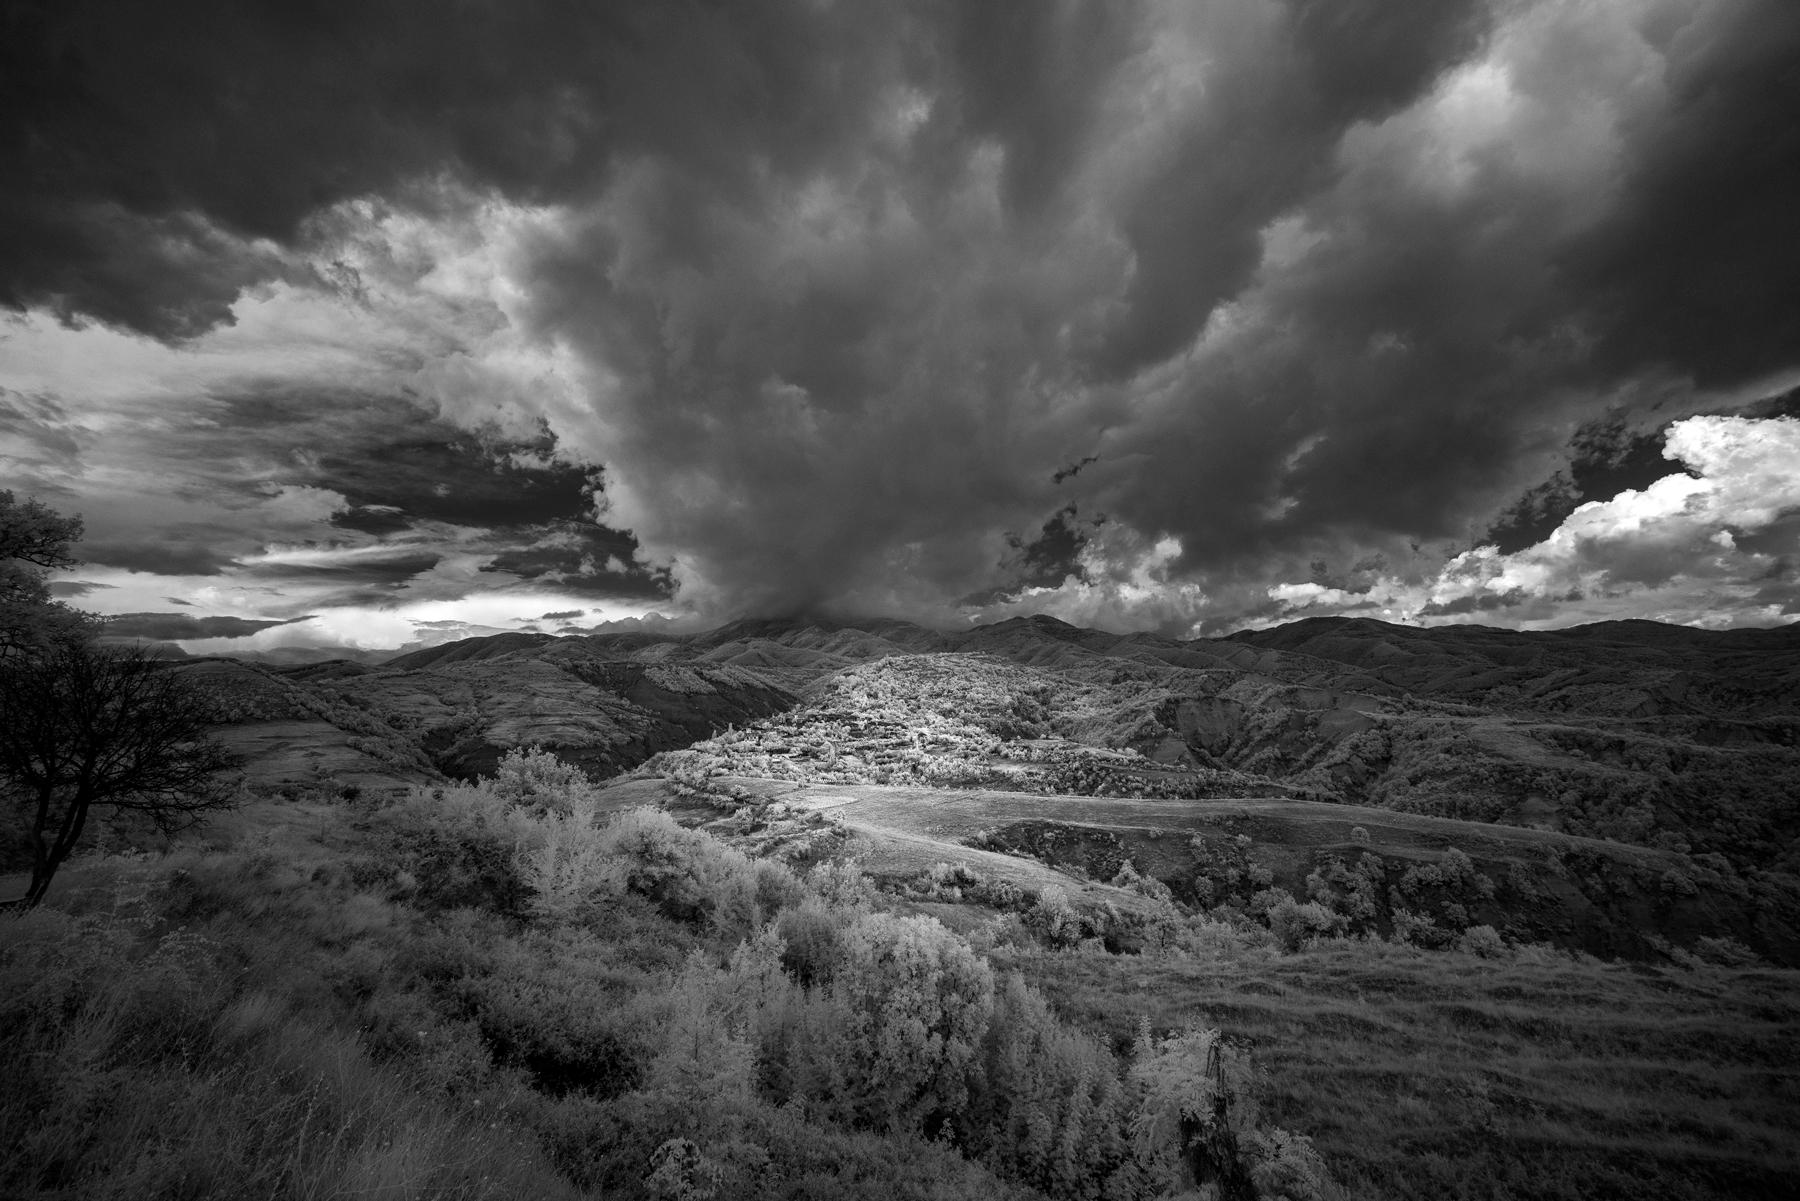 Pepe_Pax_The Pirin Mountain Range from Gorna Sushitsa.jpg